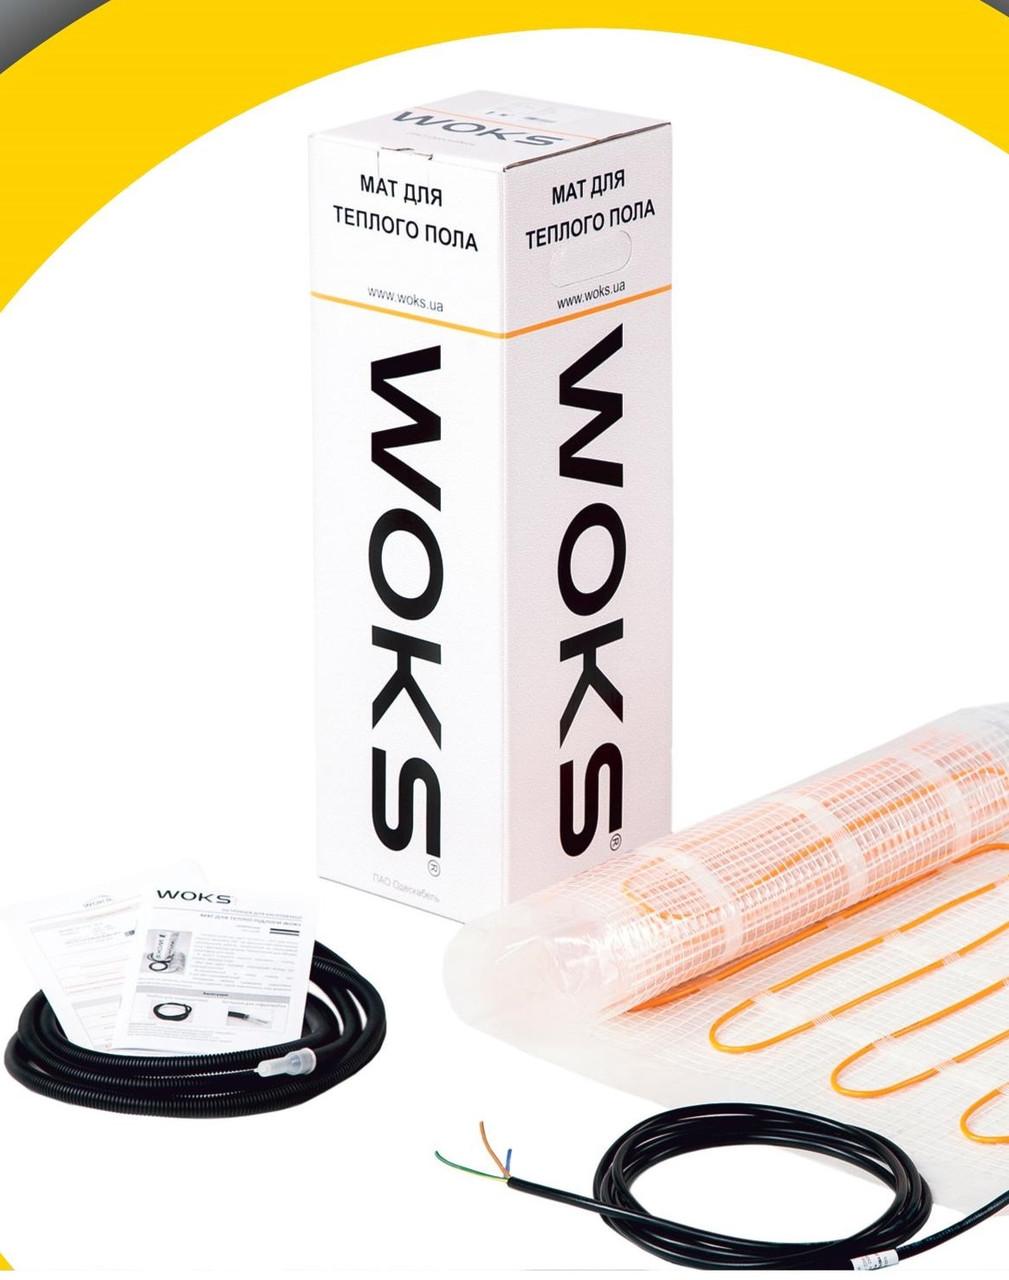 Тонкий нагревательный кабель  Woks-10 под плитку